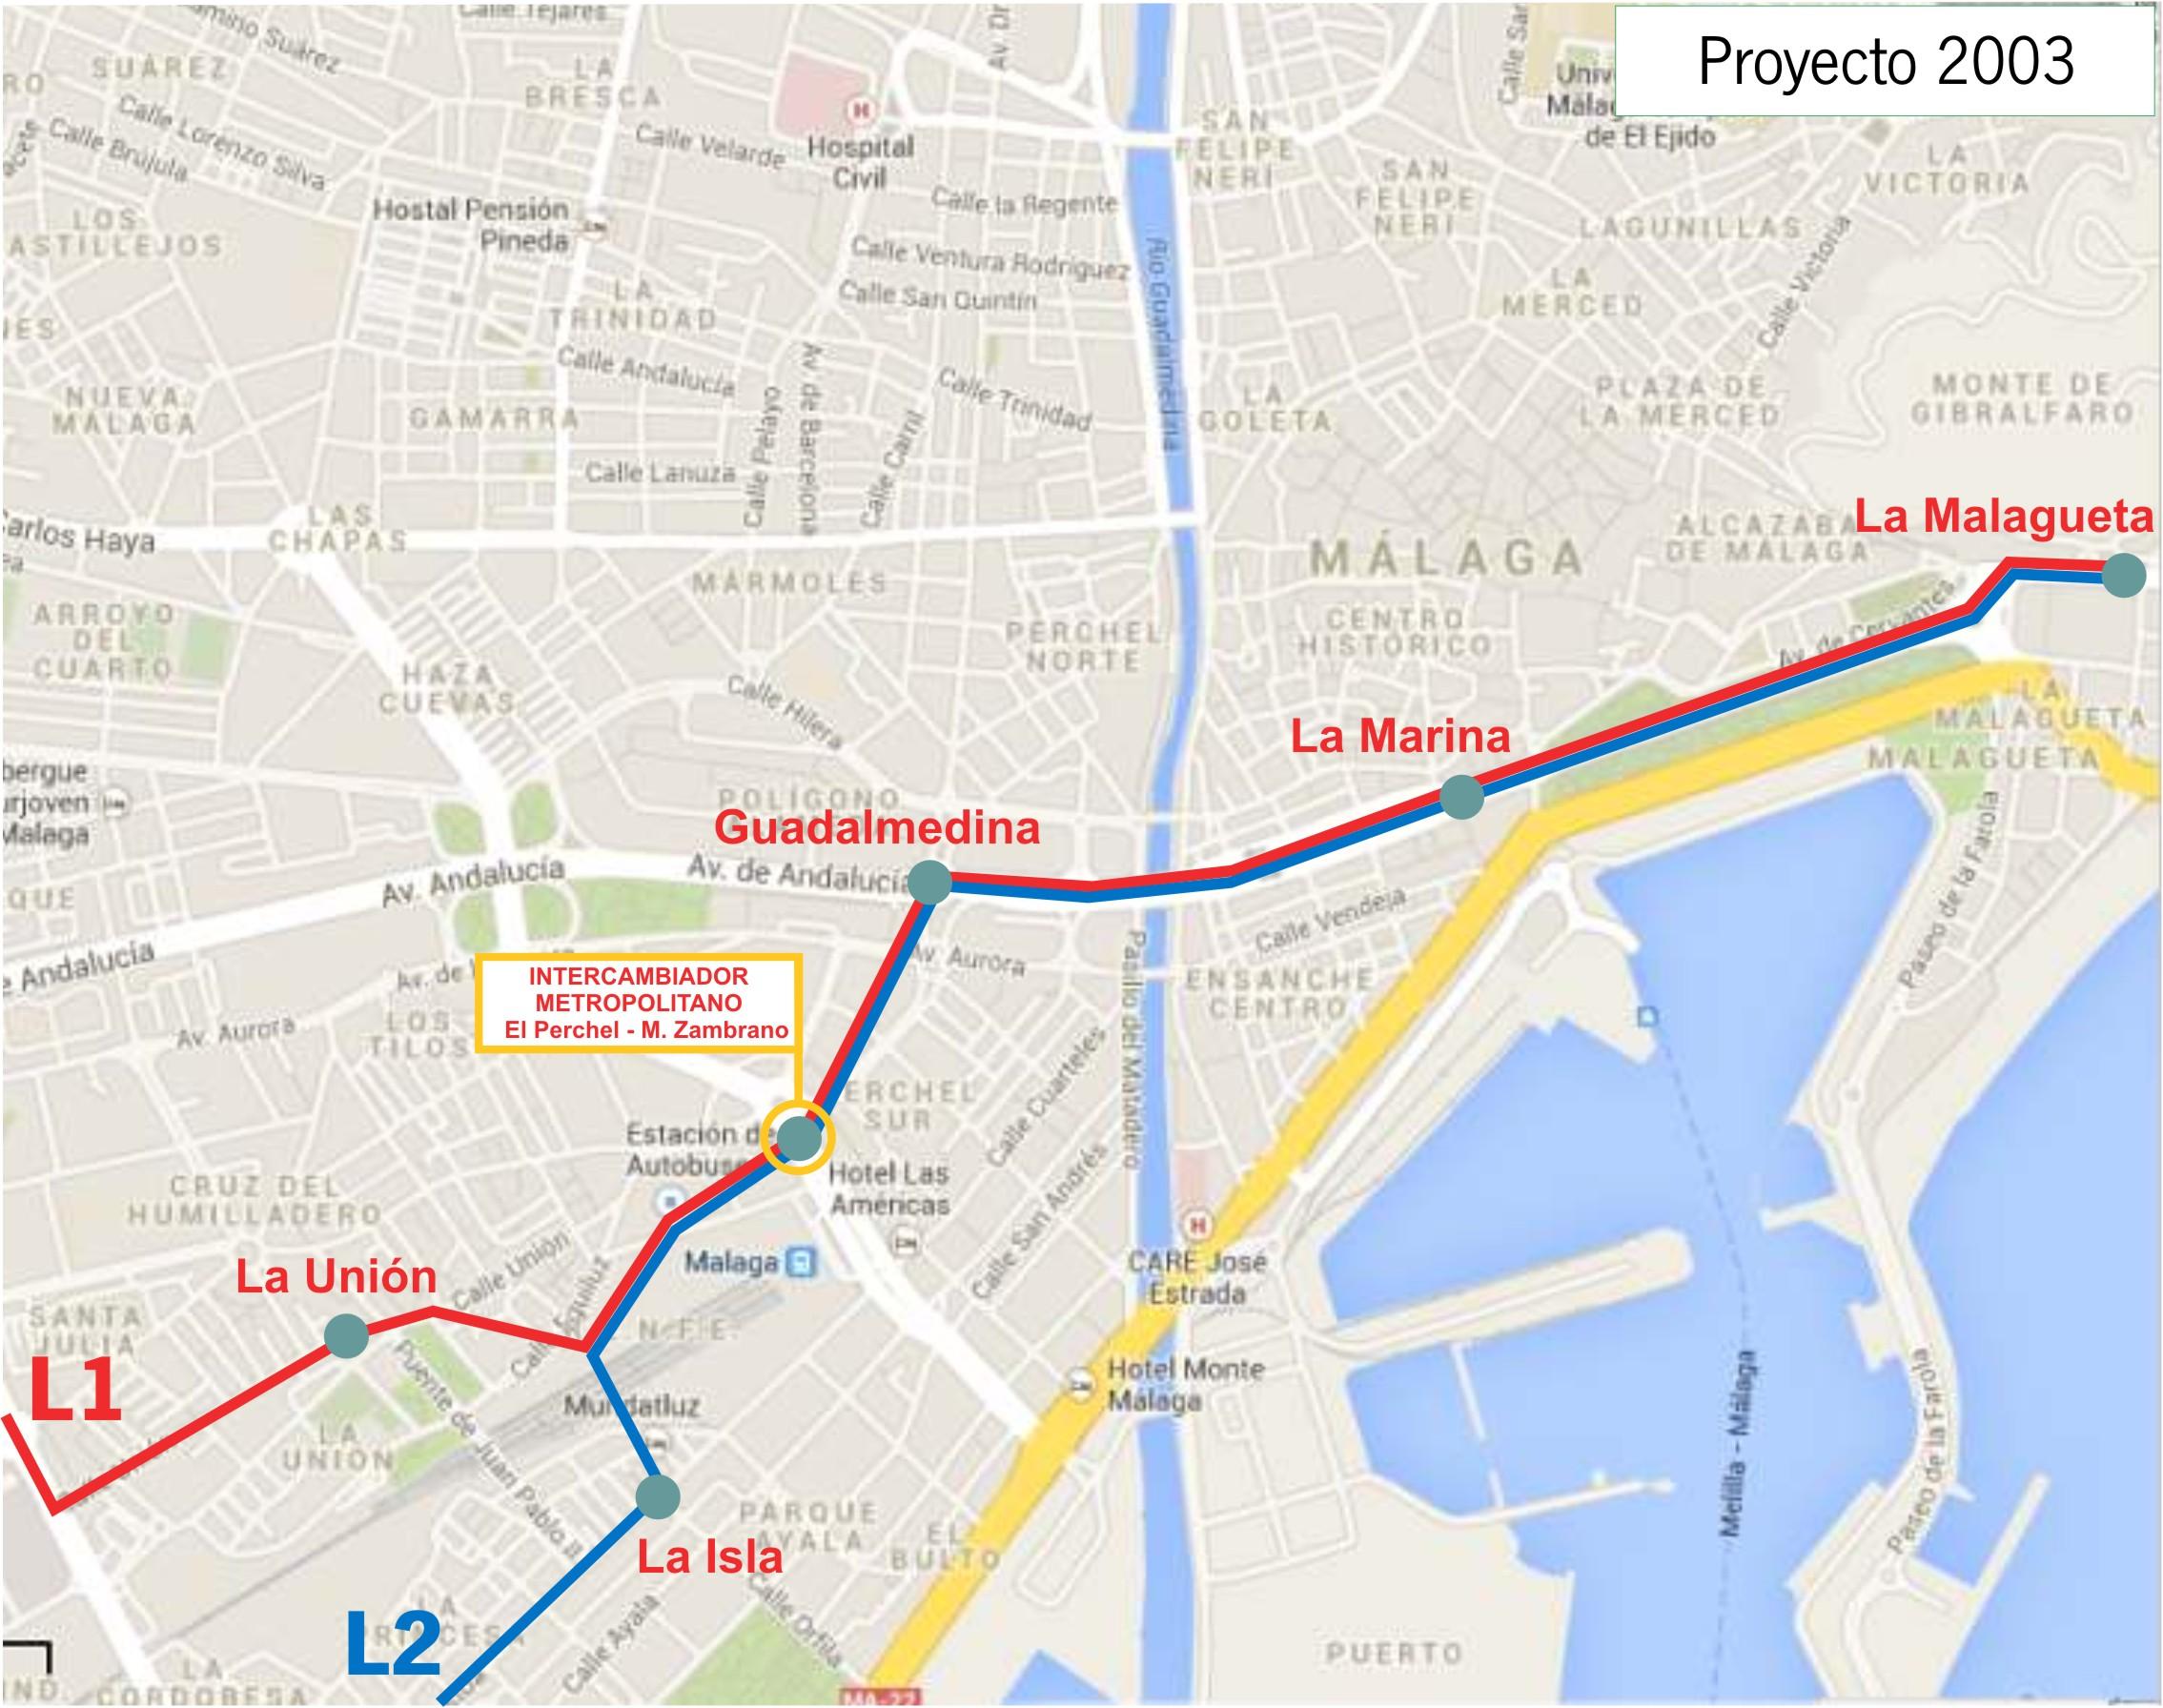 Mapa_proyecto 2003